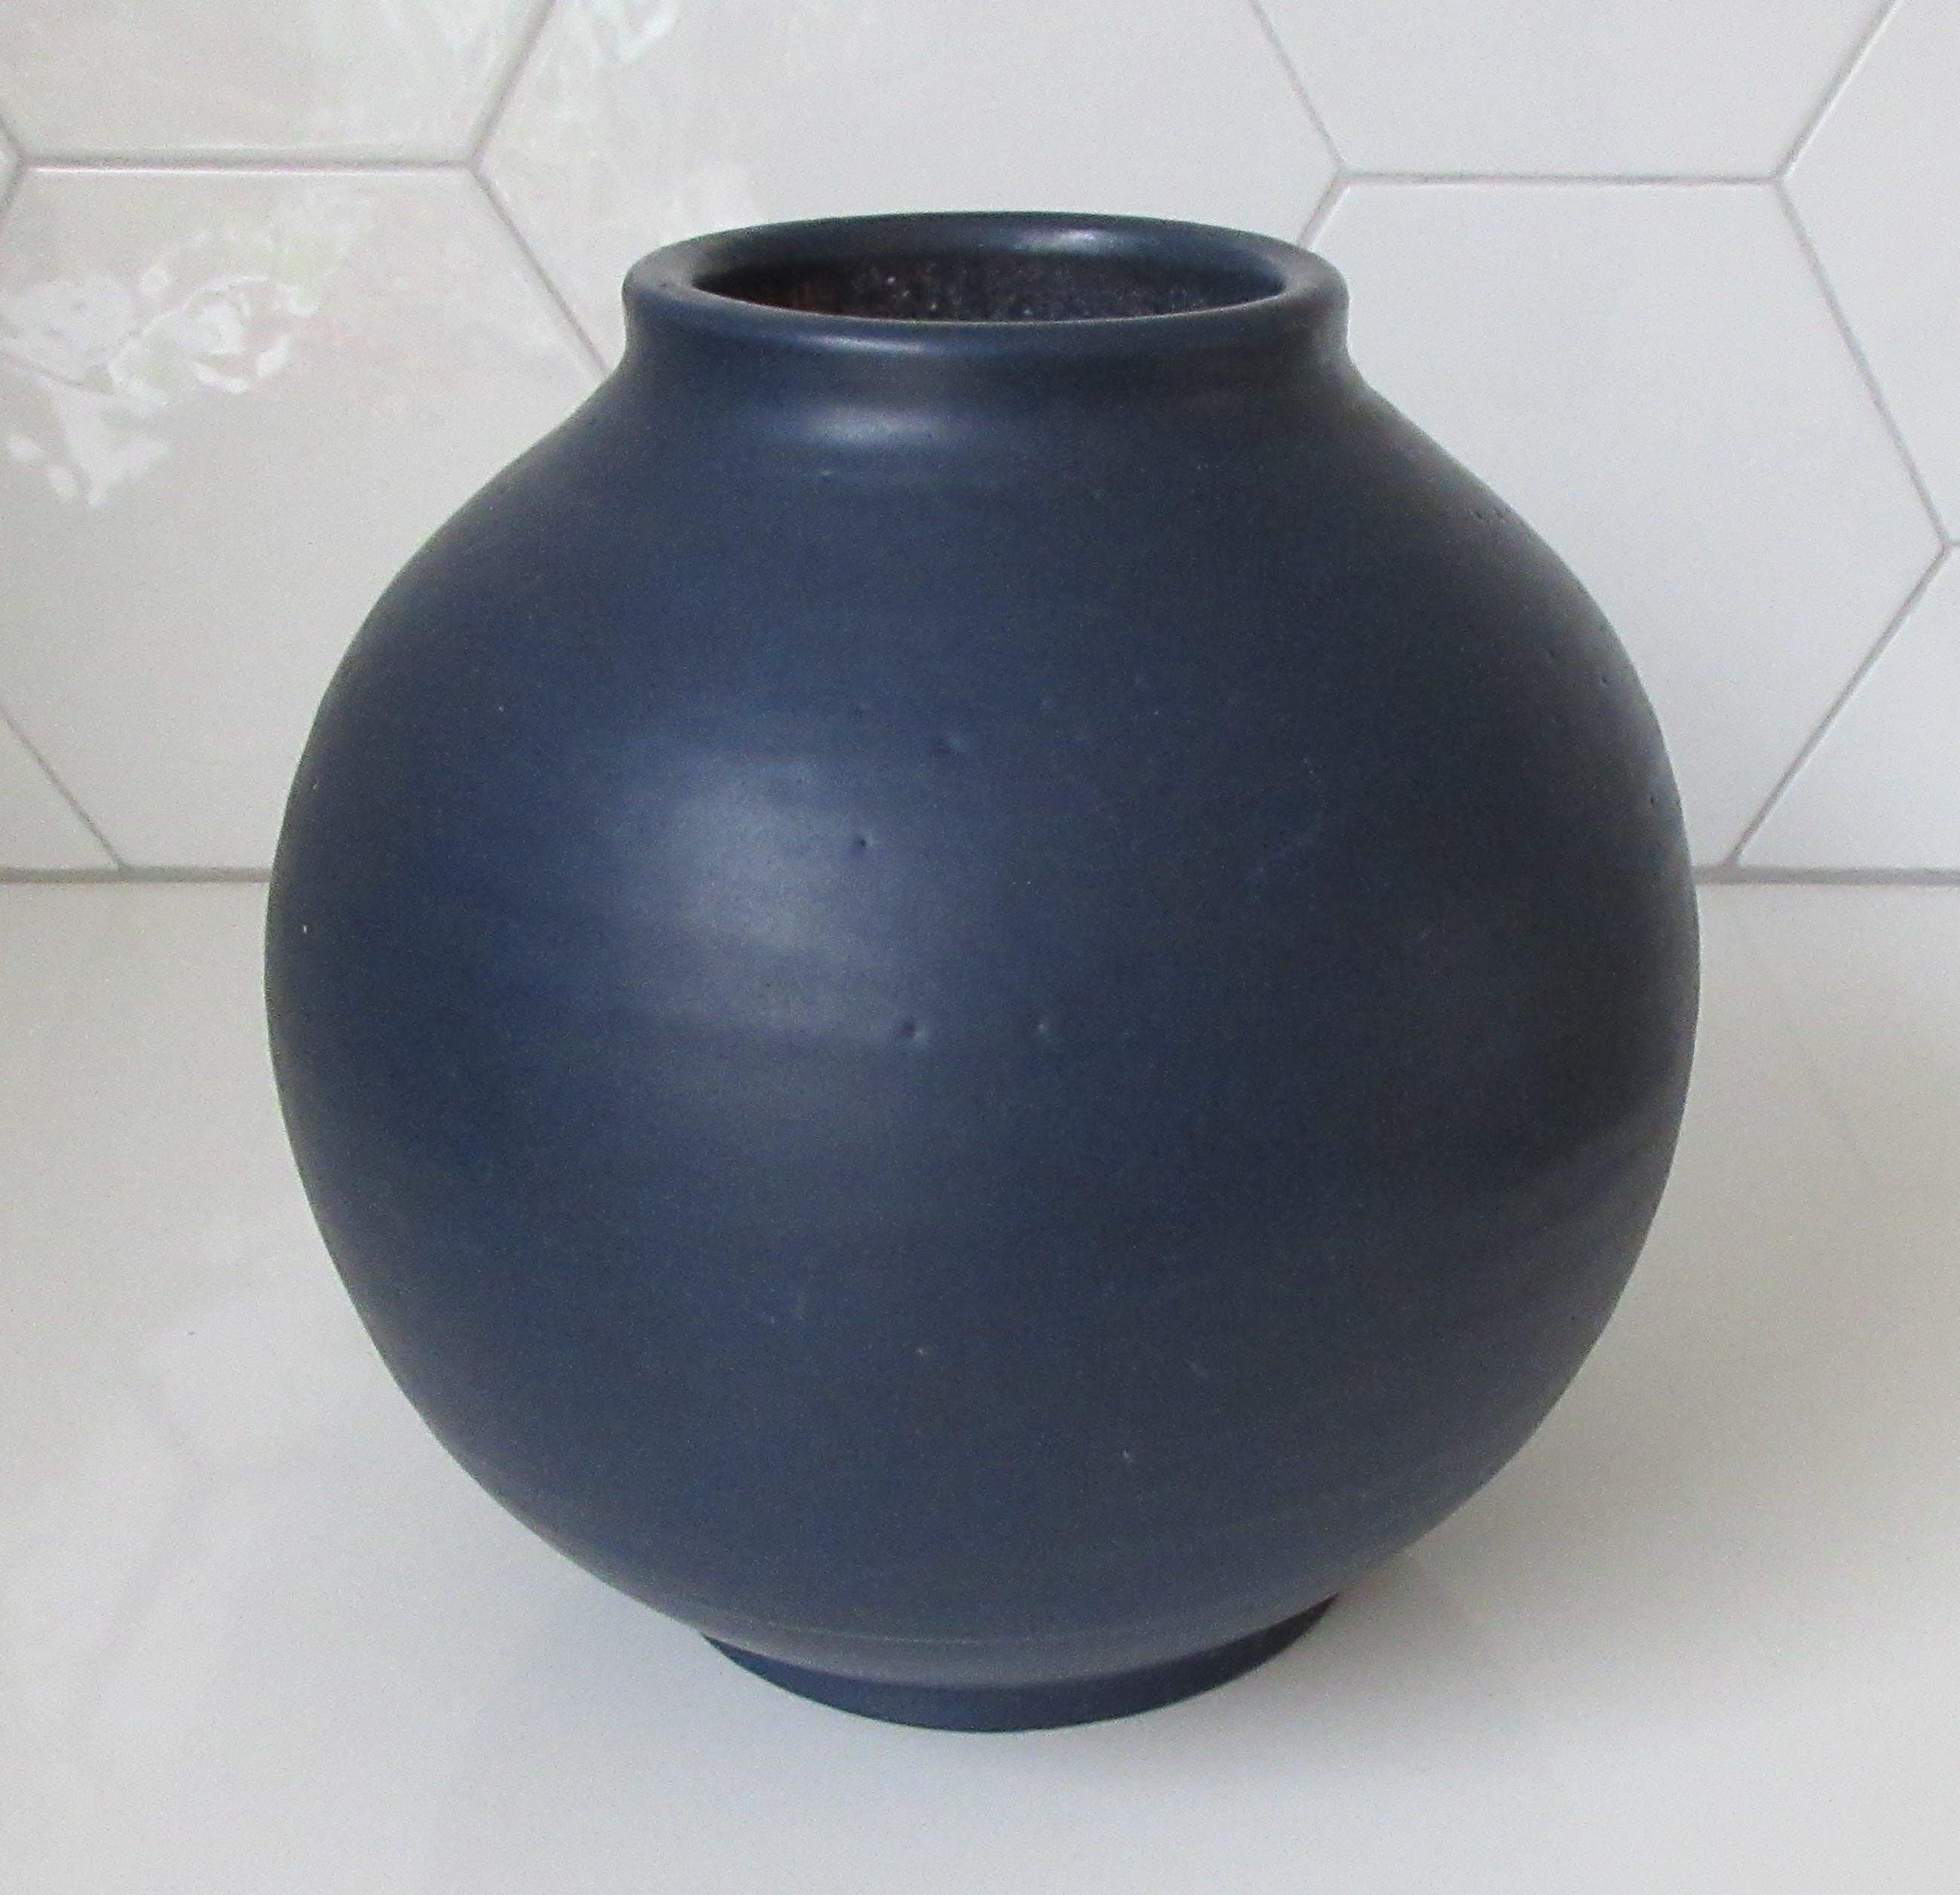 Potterie De Olde Kruyk - Blauwe Bolvaas ontwerp Henno Kurstjens kopen? Bied vanaf 10!